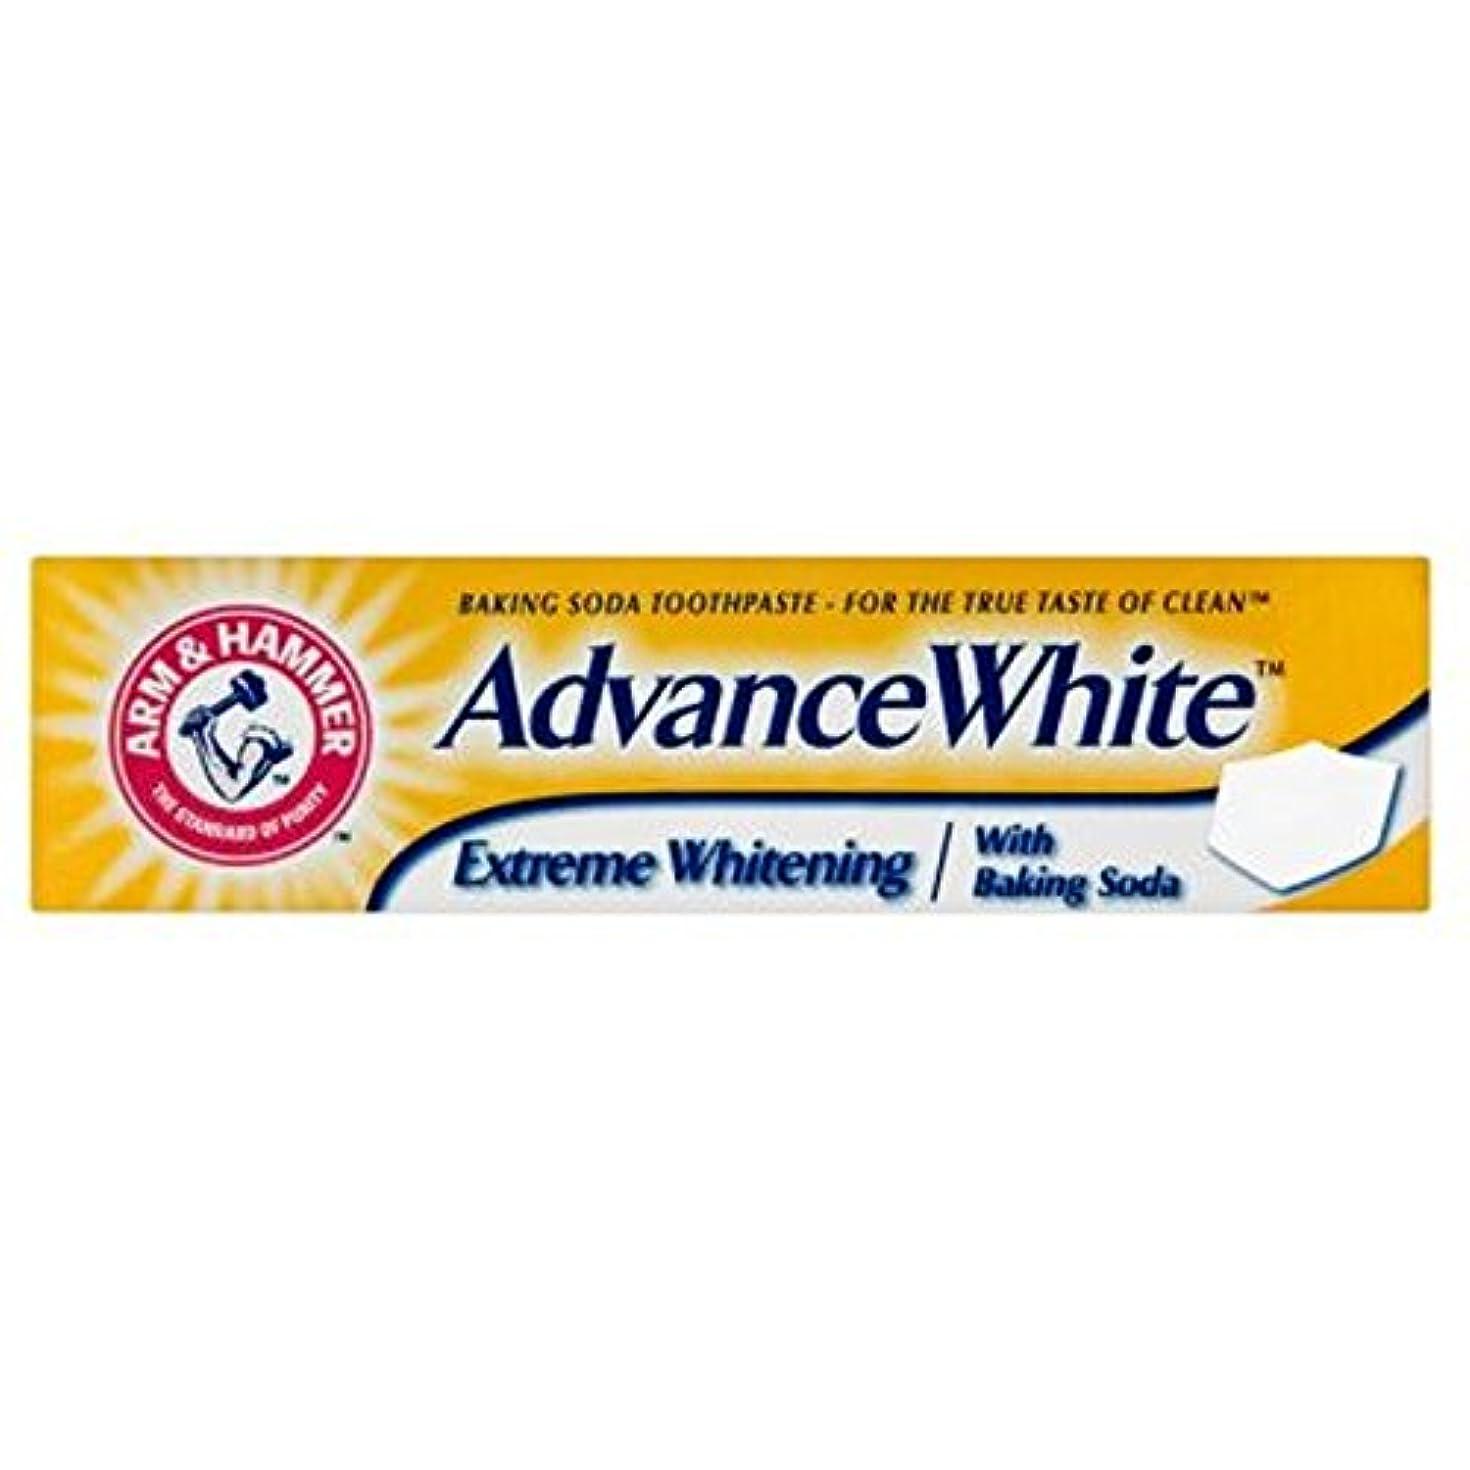 カバレッジ不潔やりがいのある重曹歯磨き粉75ミリリットルをホワイトニングアーム&ハンマー事前白極端 (Arm & Hammer) (x2) - Arm & Hammer Advance White Extreme Whitening Baking...